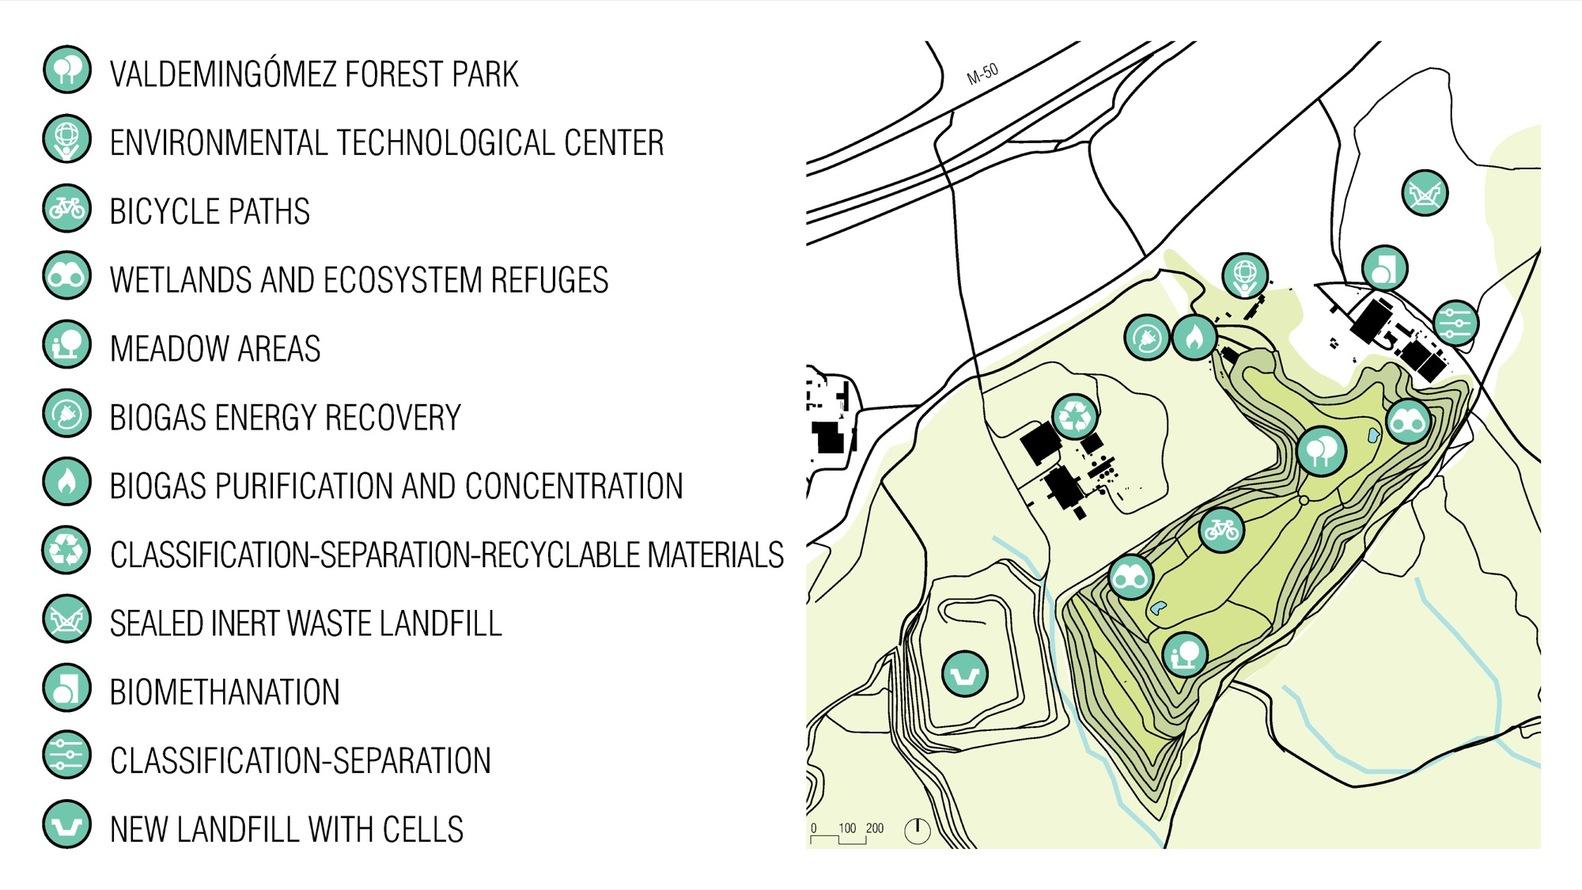 valdemingomez forest park diagram [ 1582 x 890 Pixel ]